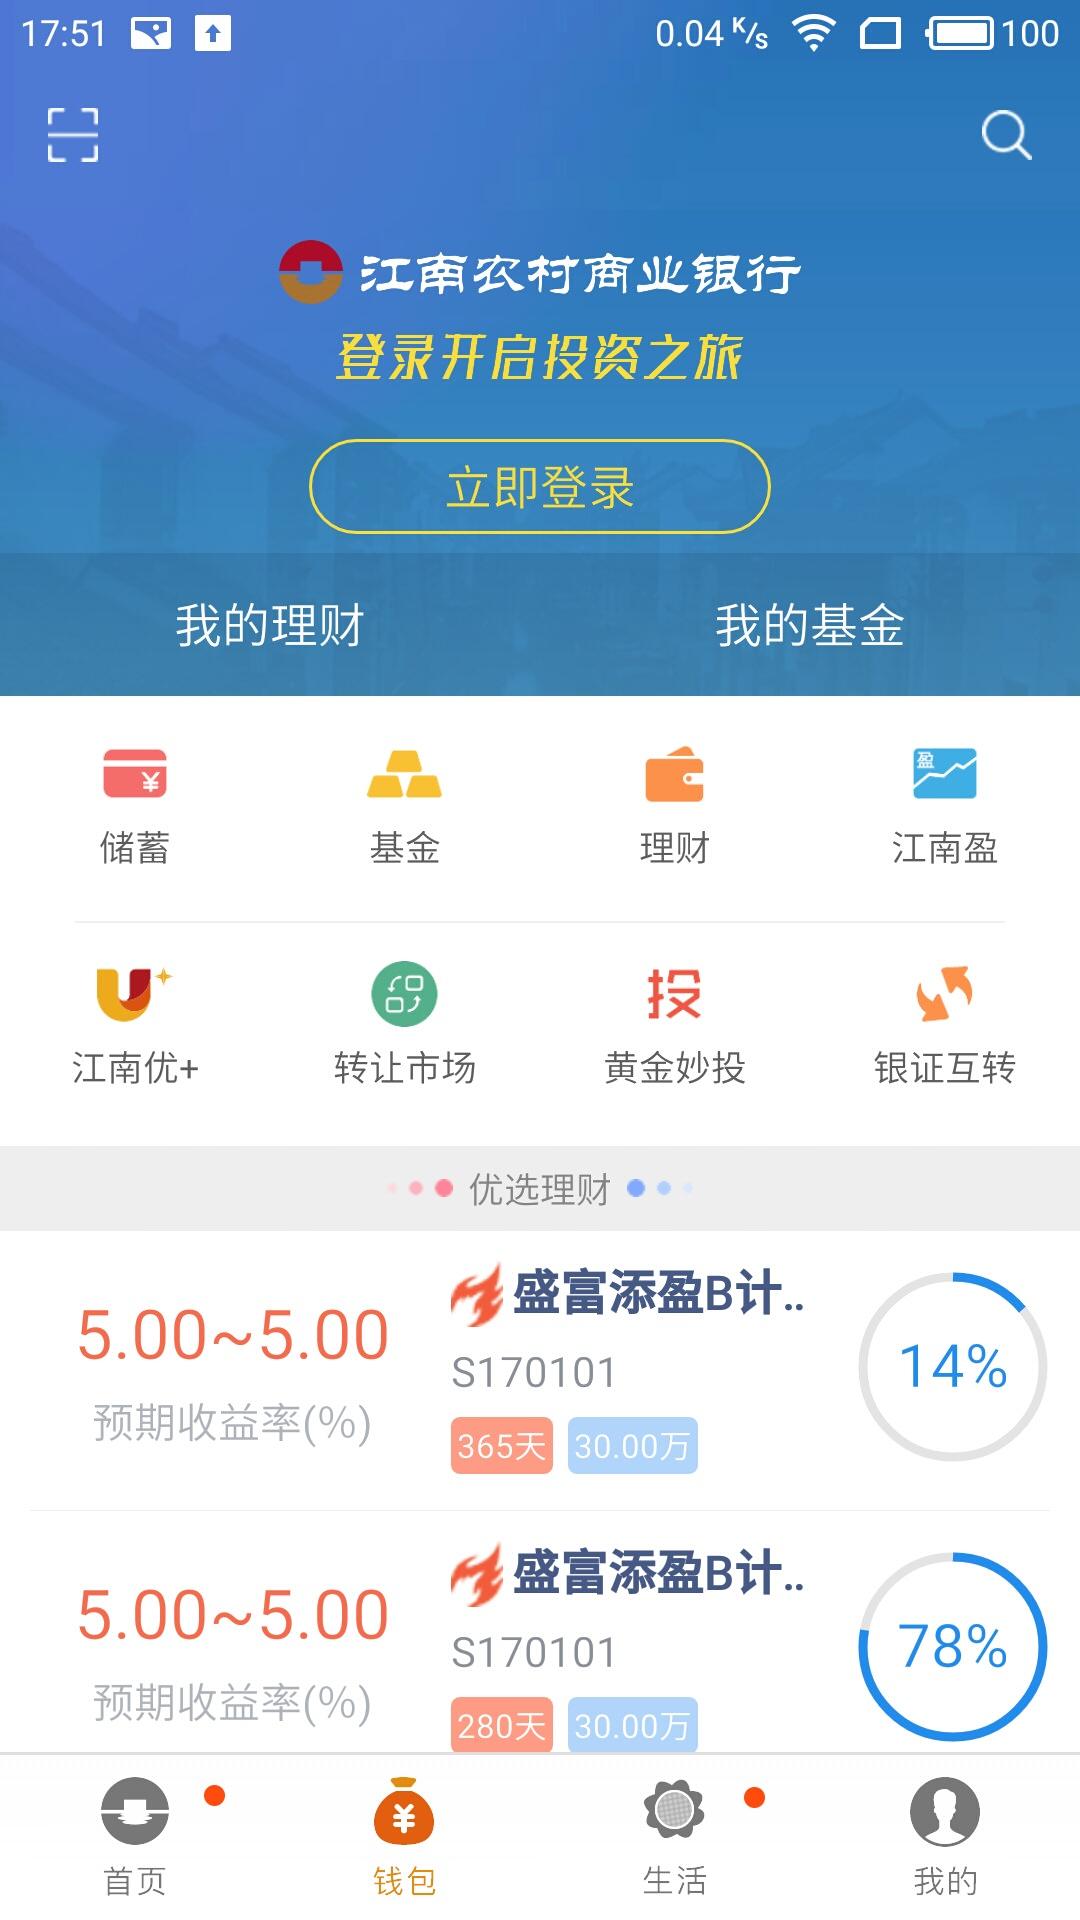 江南农村商业银行截图2